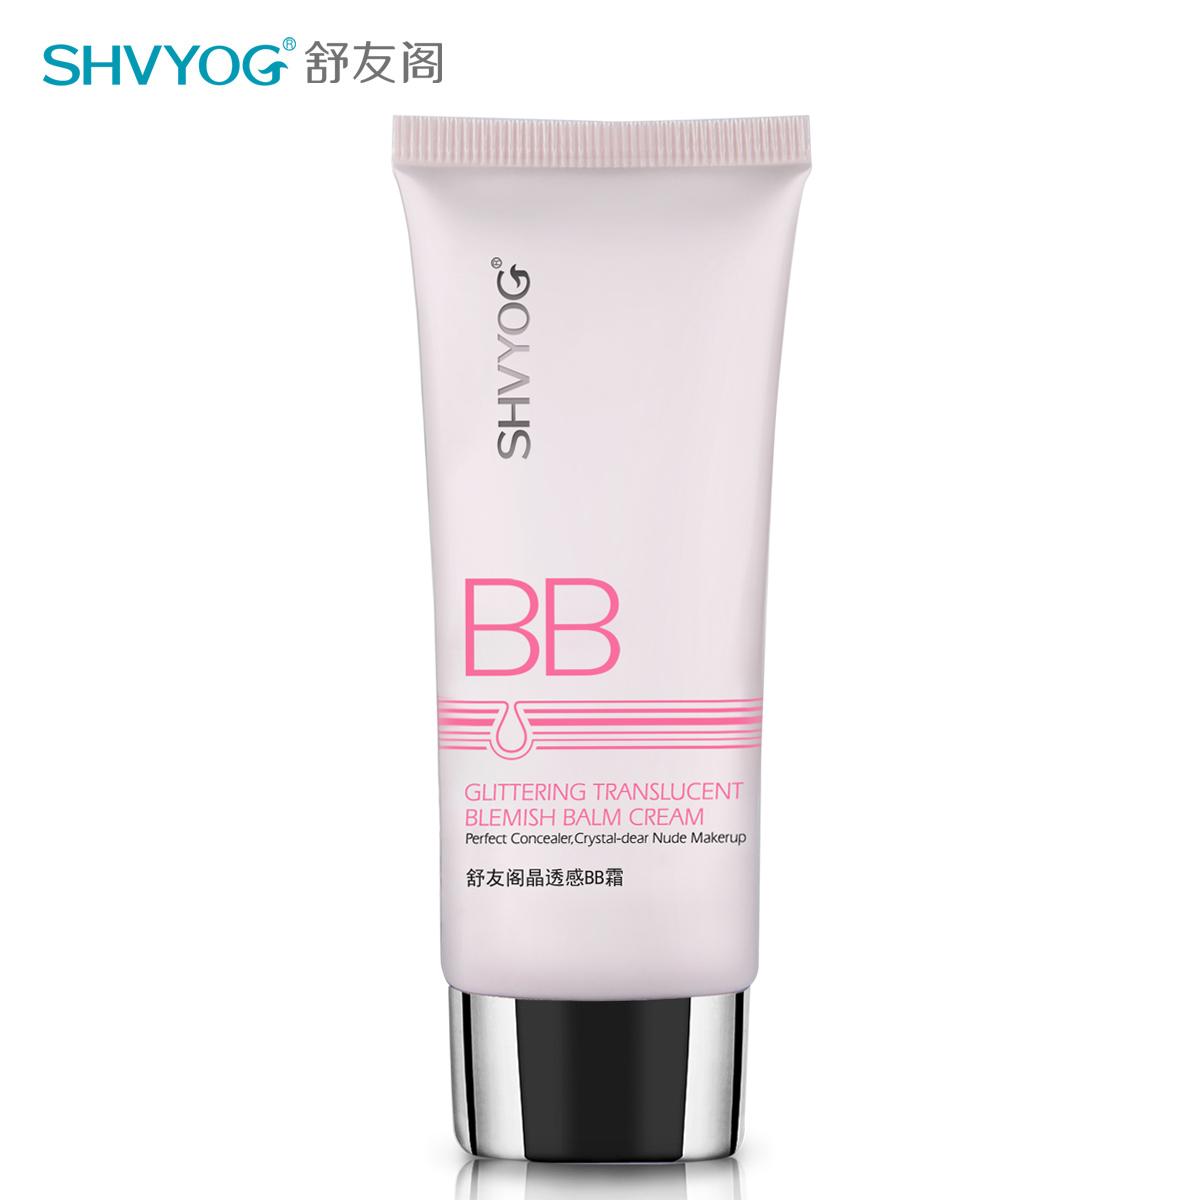 Shvyog Шу Youge кристалл сильный BB крем консилер чистой обнаженной макияж продукты не удовлетворены с возвратом